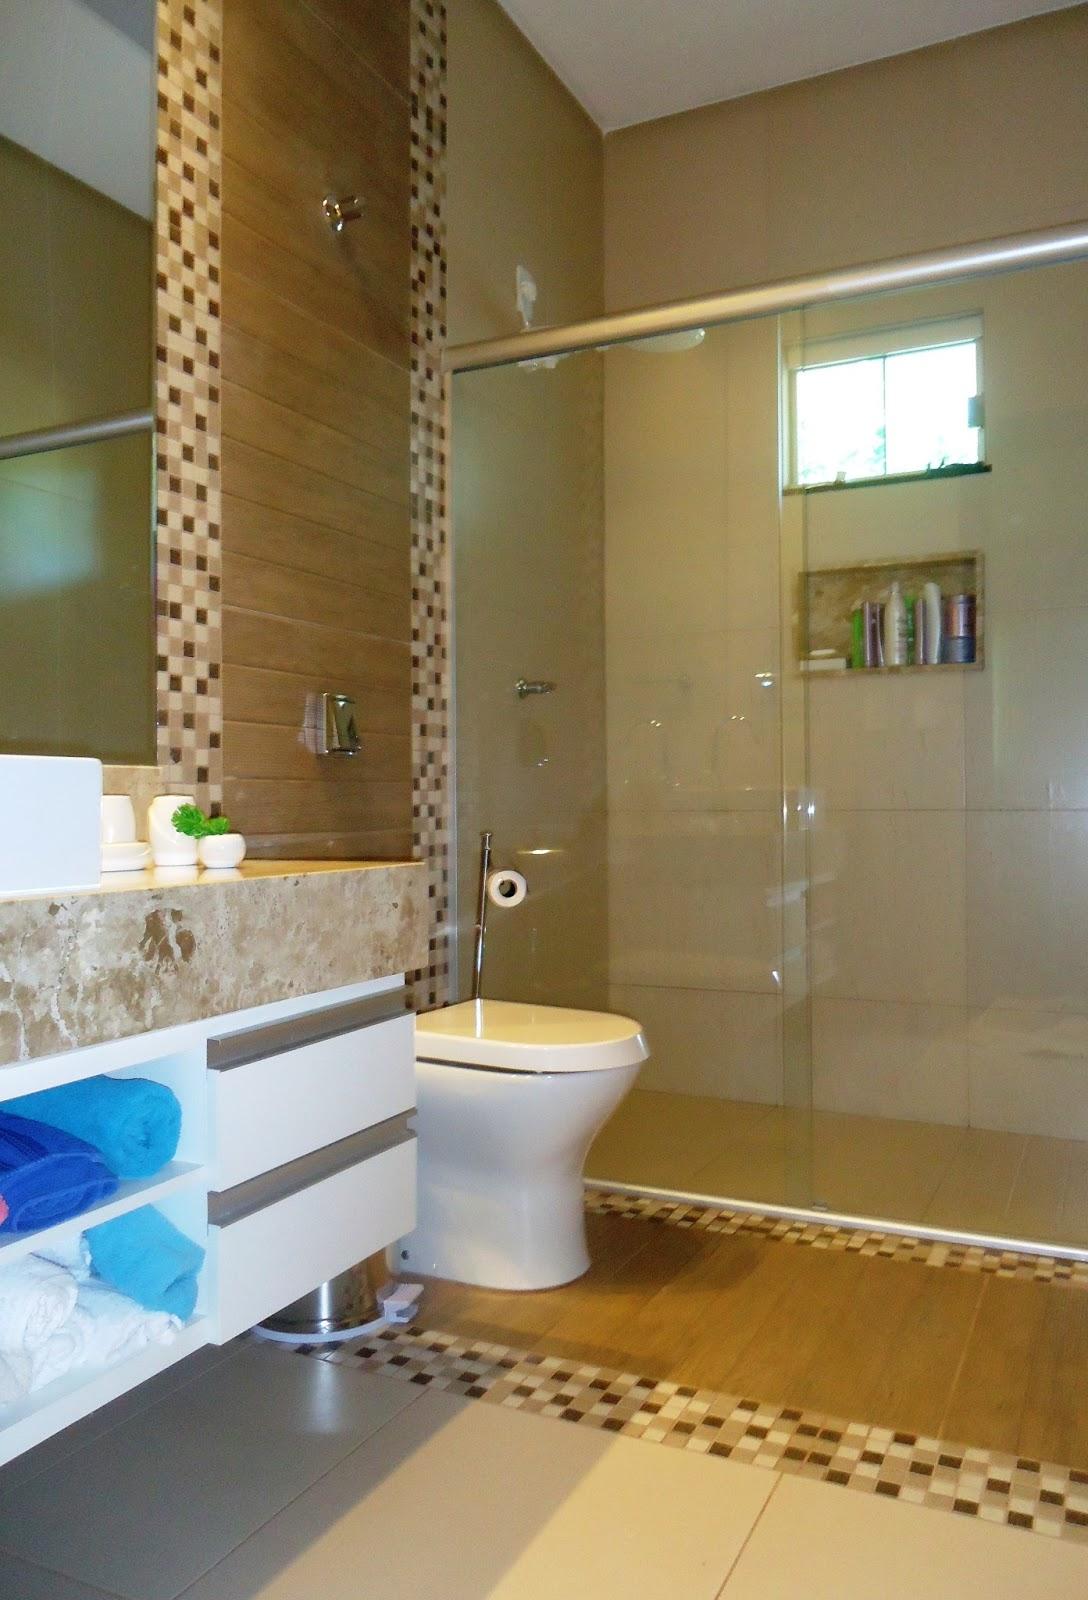 imagens sobre banheiro no Pinterest Banheiros Quartos e Madeira #1774B4 1088 1600